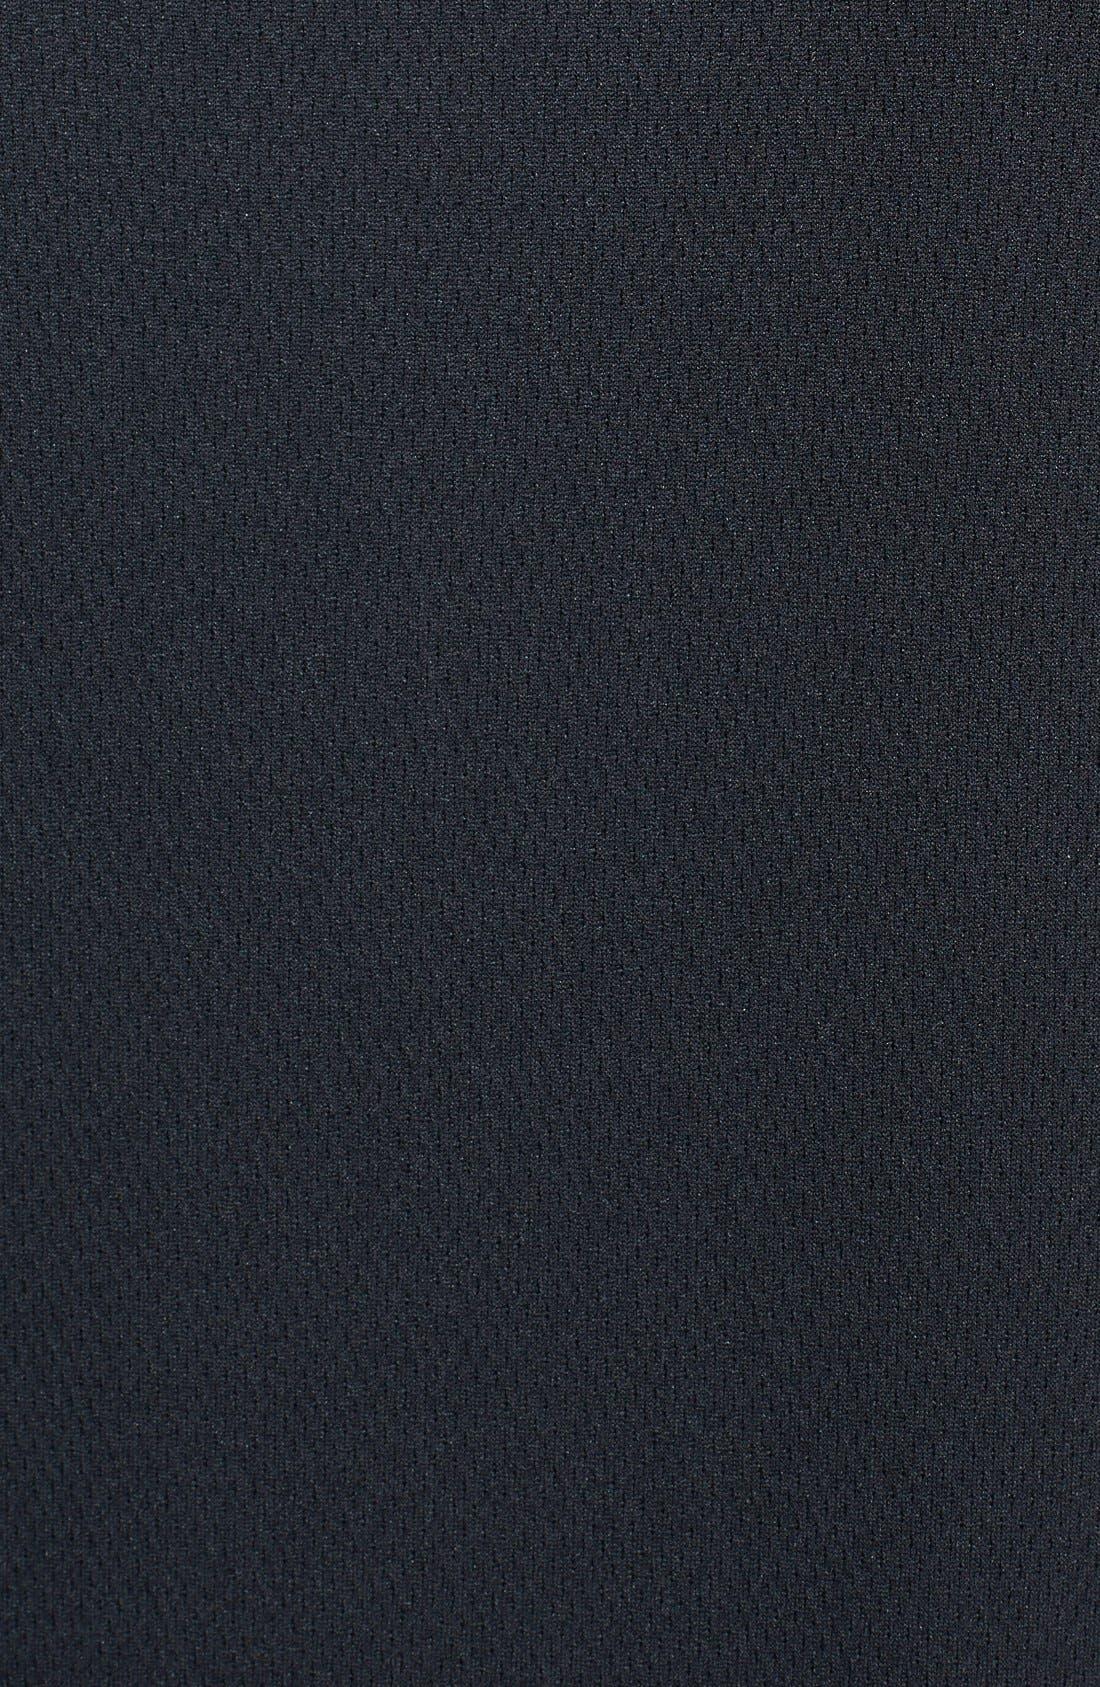 Detroit Lions - Edge DryTec Moisture Wicking Half Zip Pullover,                             Alternate thumbnail 3, color,                             Black